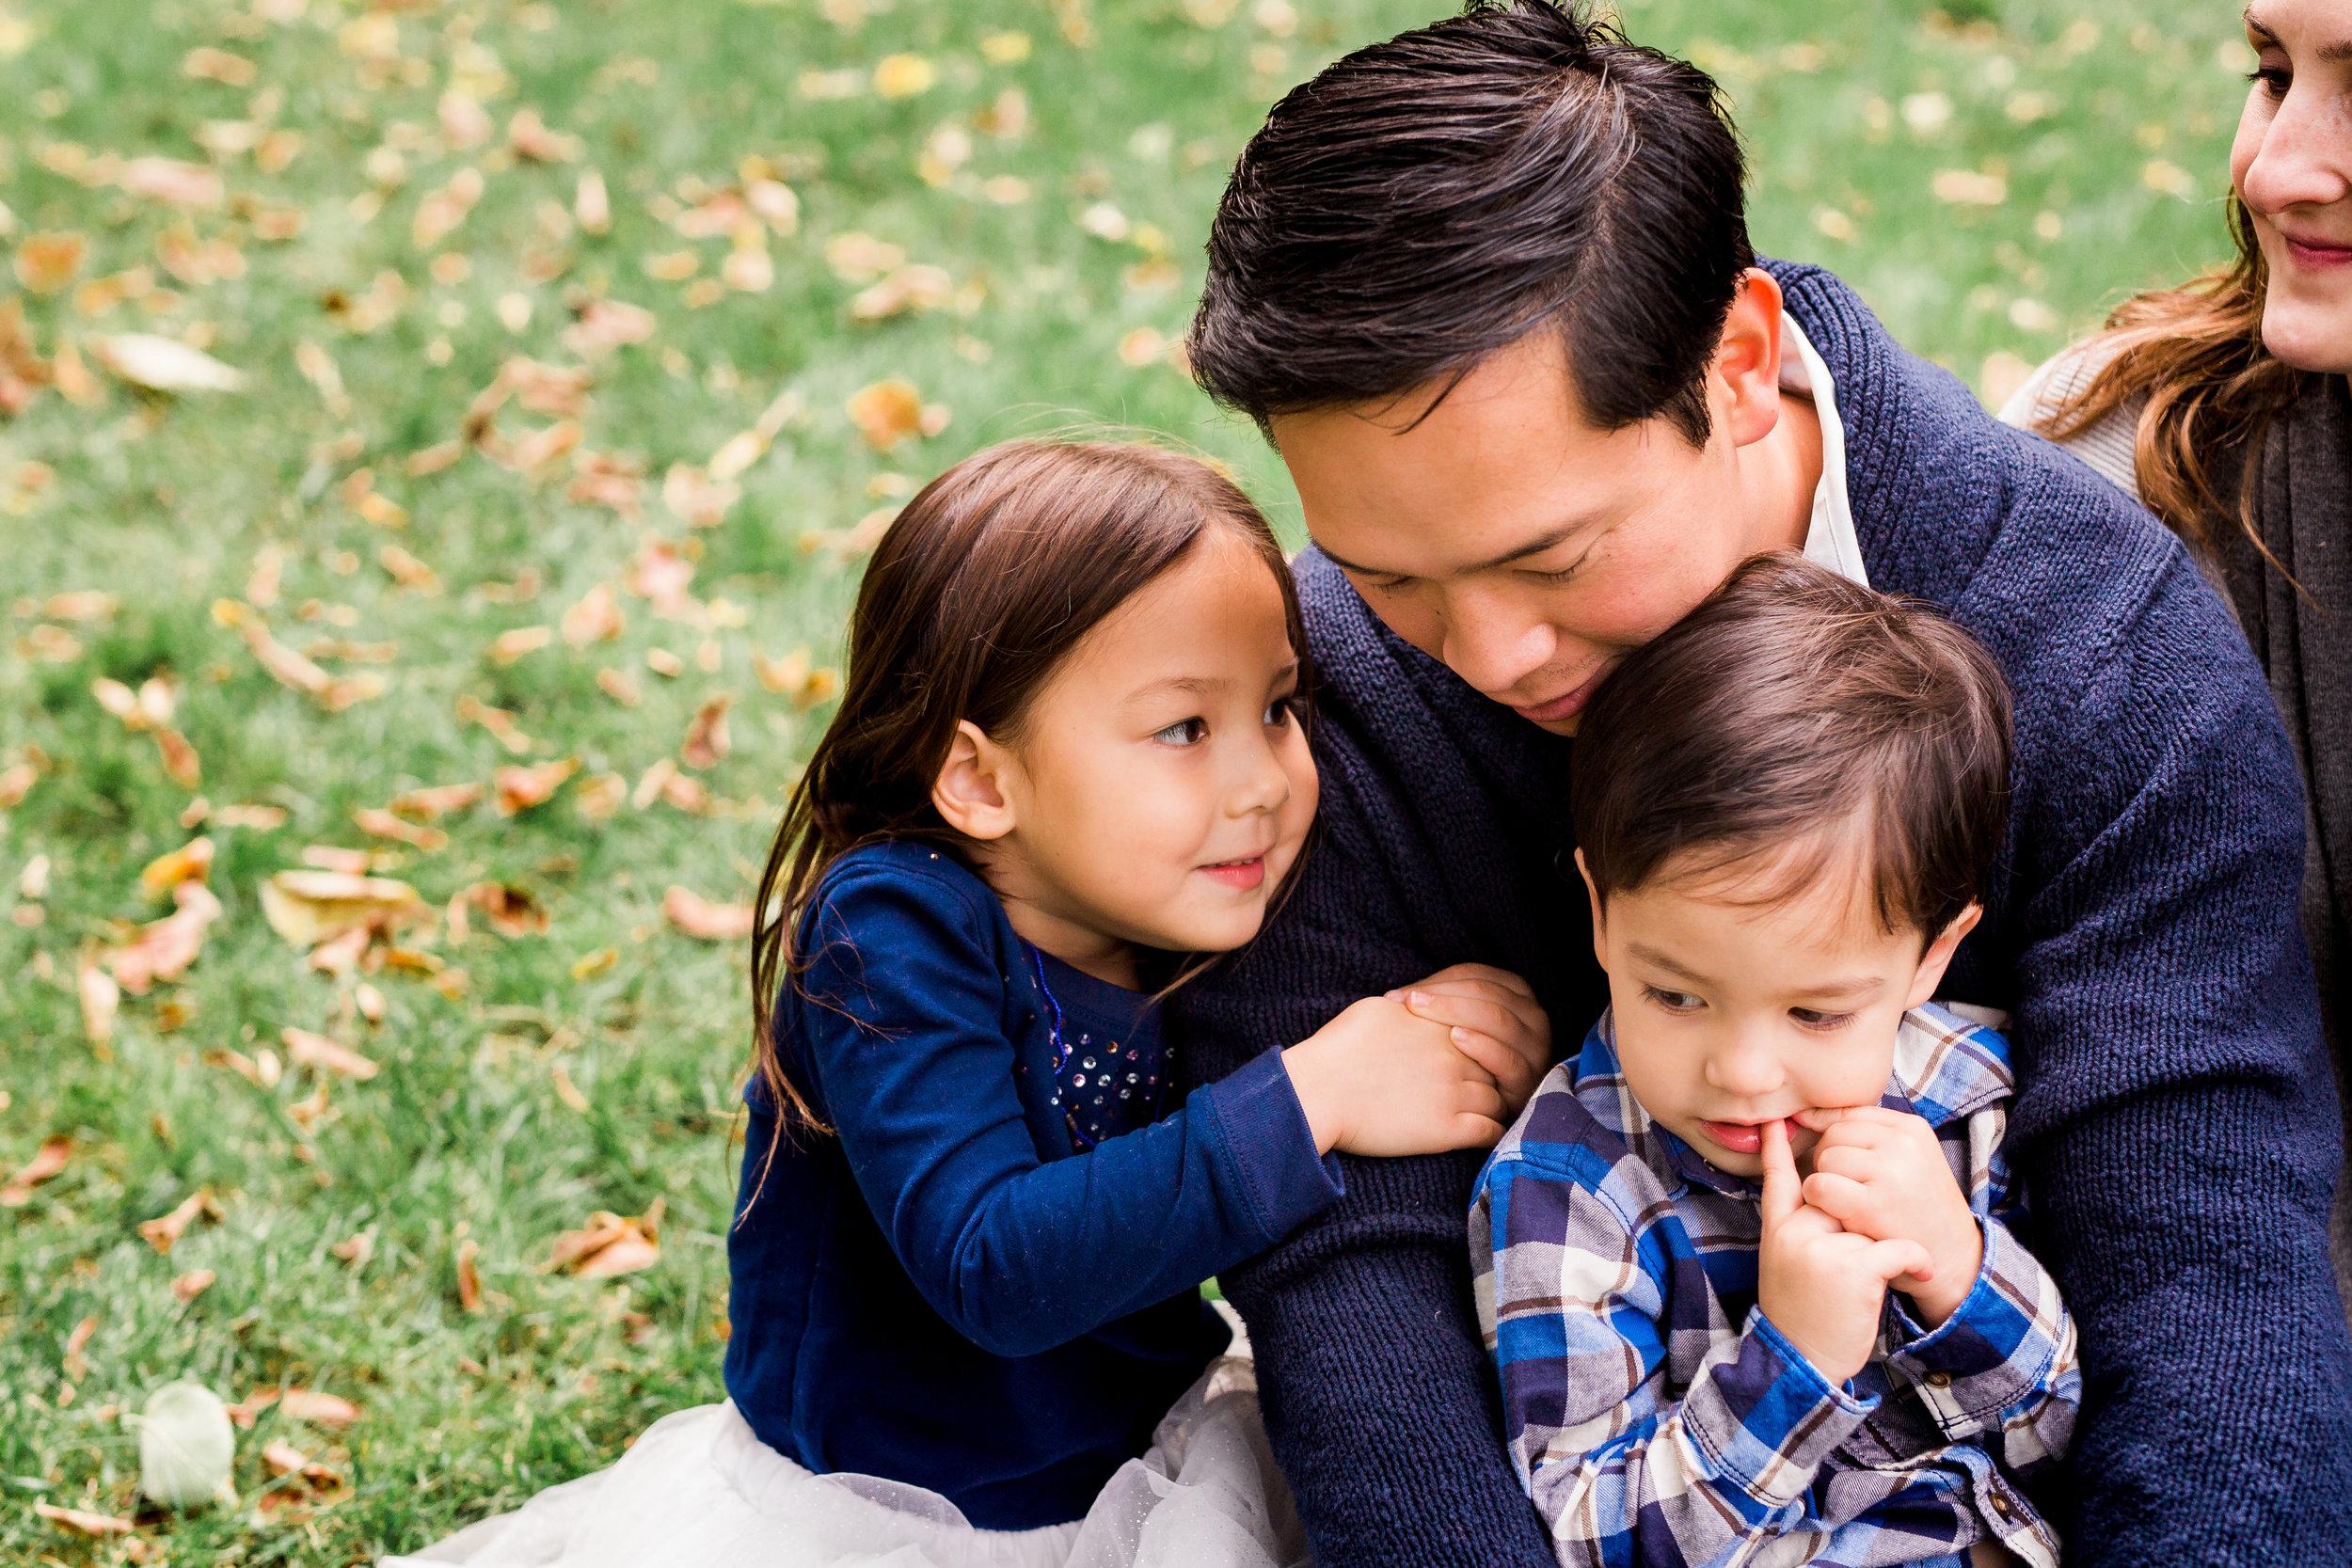 SMP_Emily Nguyen Family_Oct 2017-17.jpg